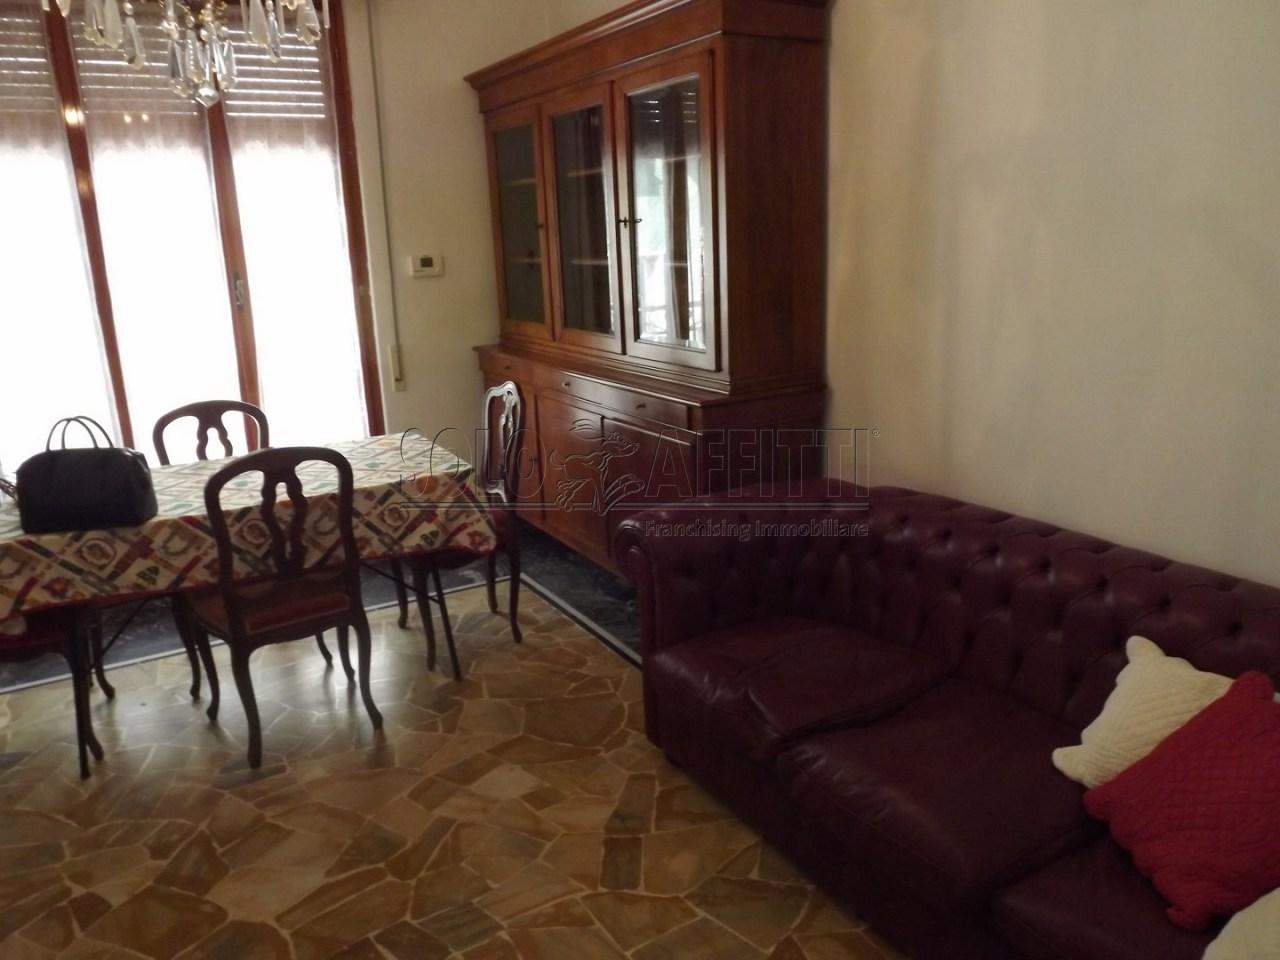 Appartamento in affitto a Spotorno, 2 locali, prezzo € 600 | PortaleAgenzieImmobiliari.it